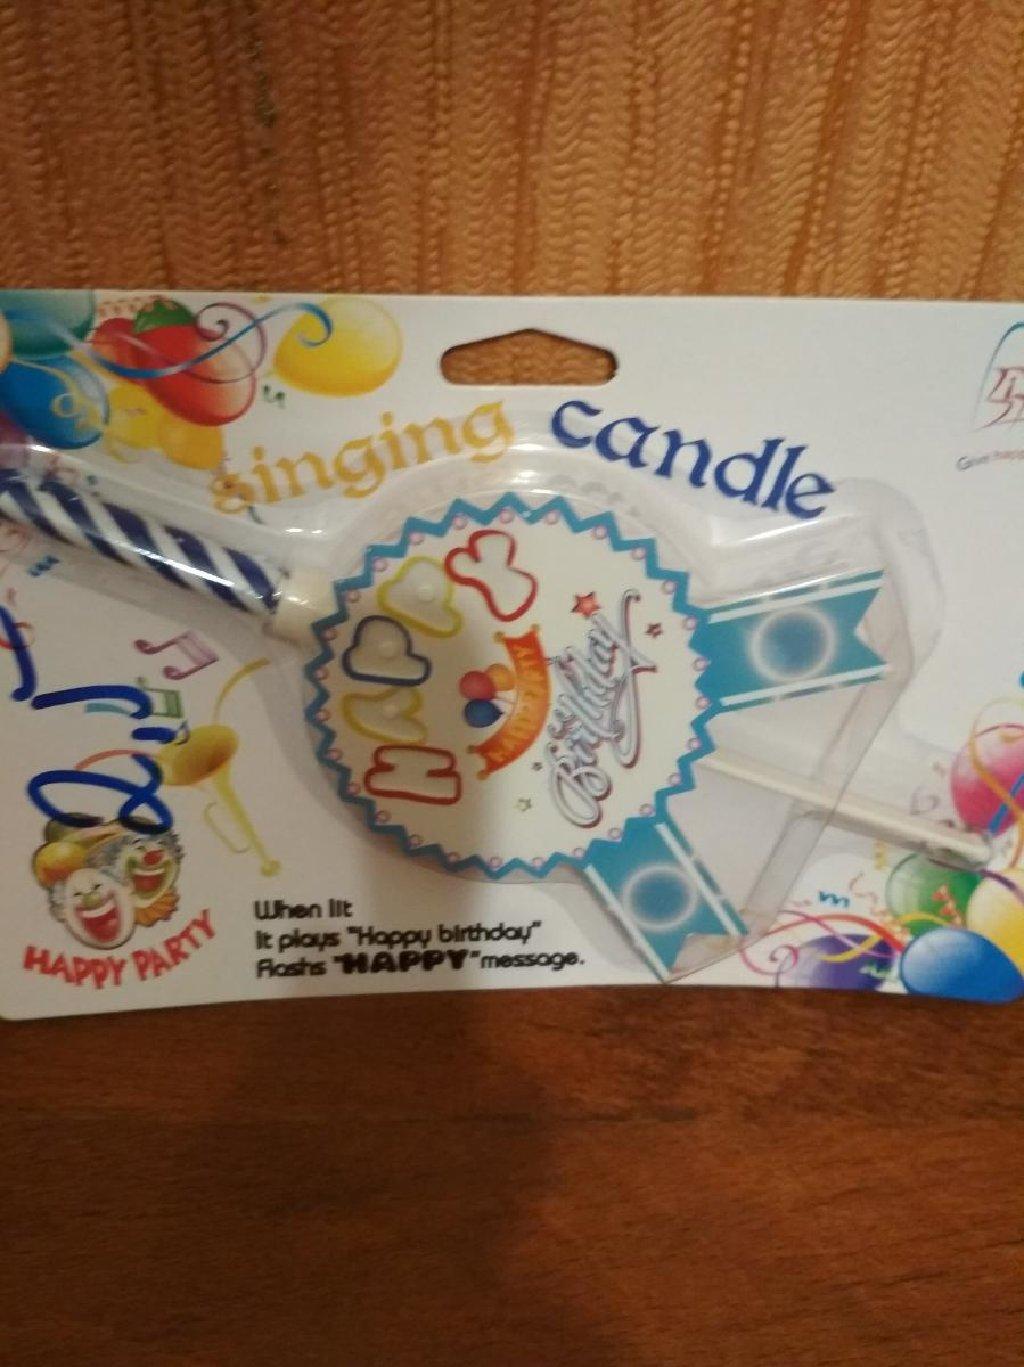 Свеча для торта для детского дня рождения.Могу доставить к м.Аджеми